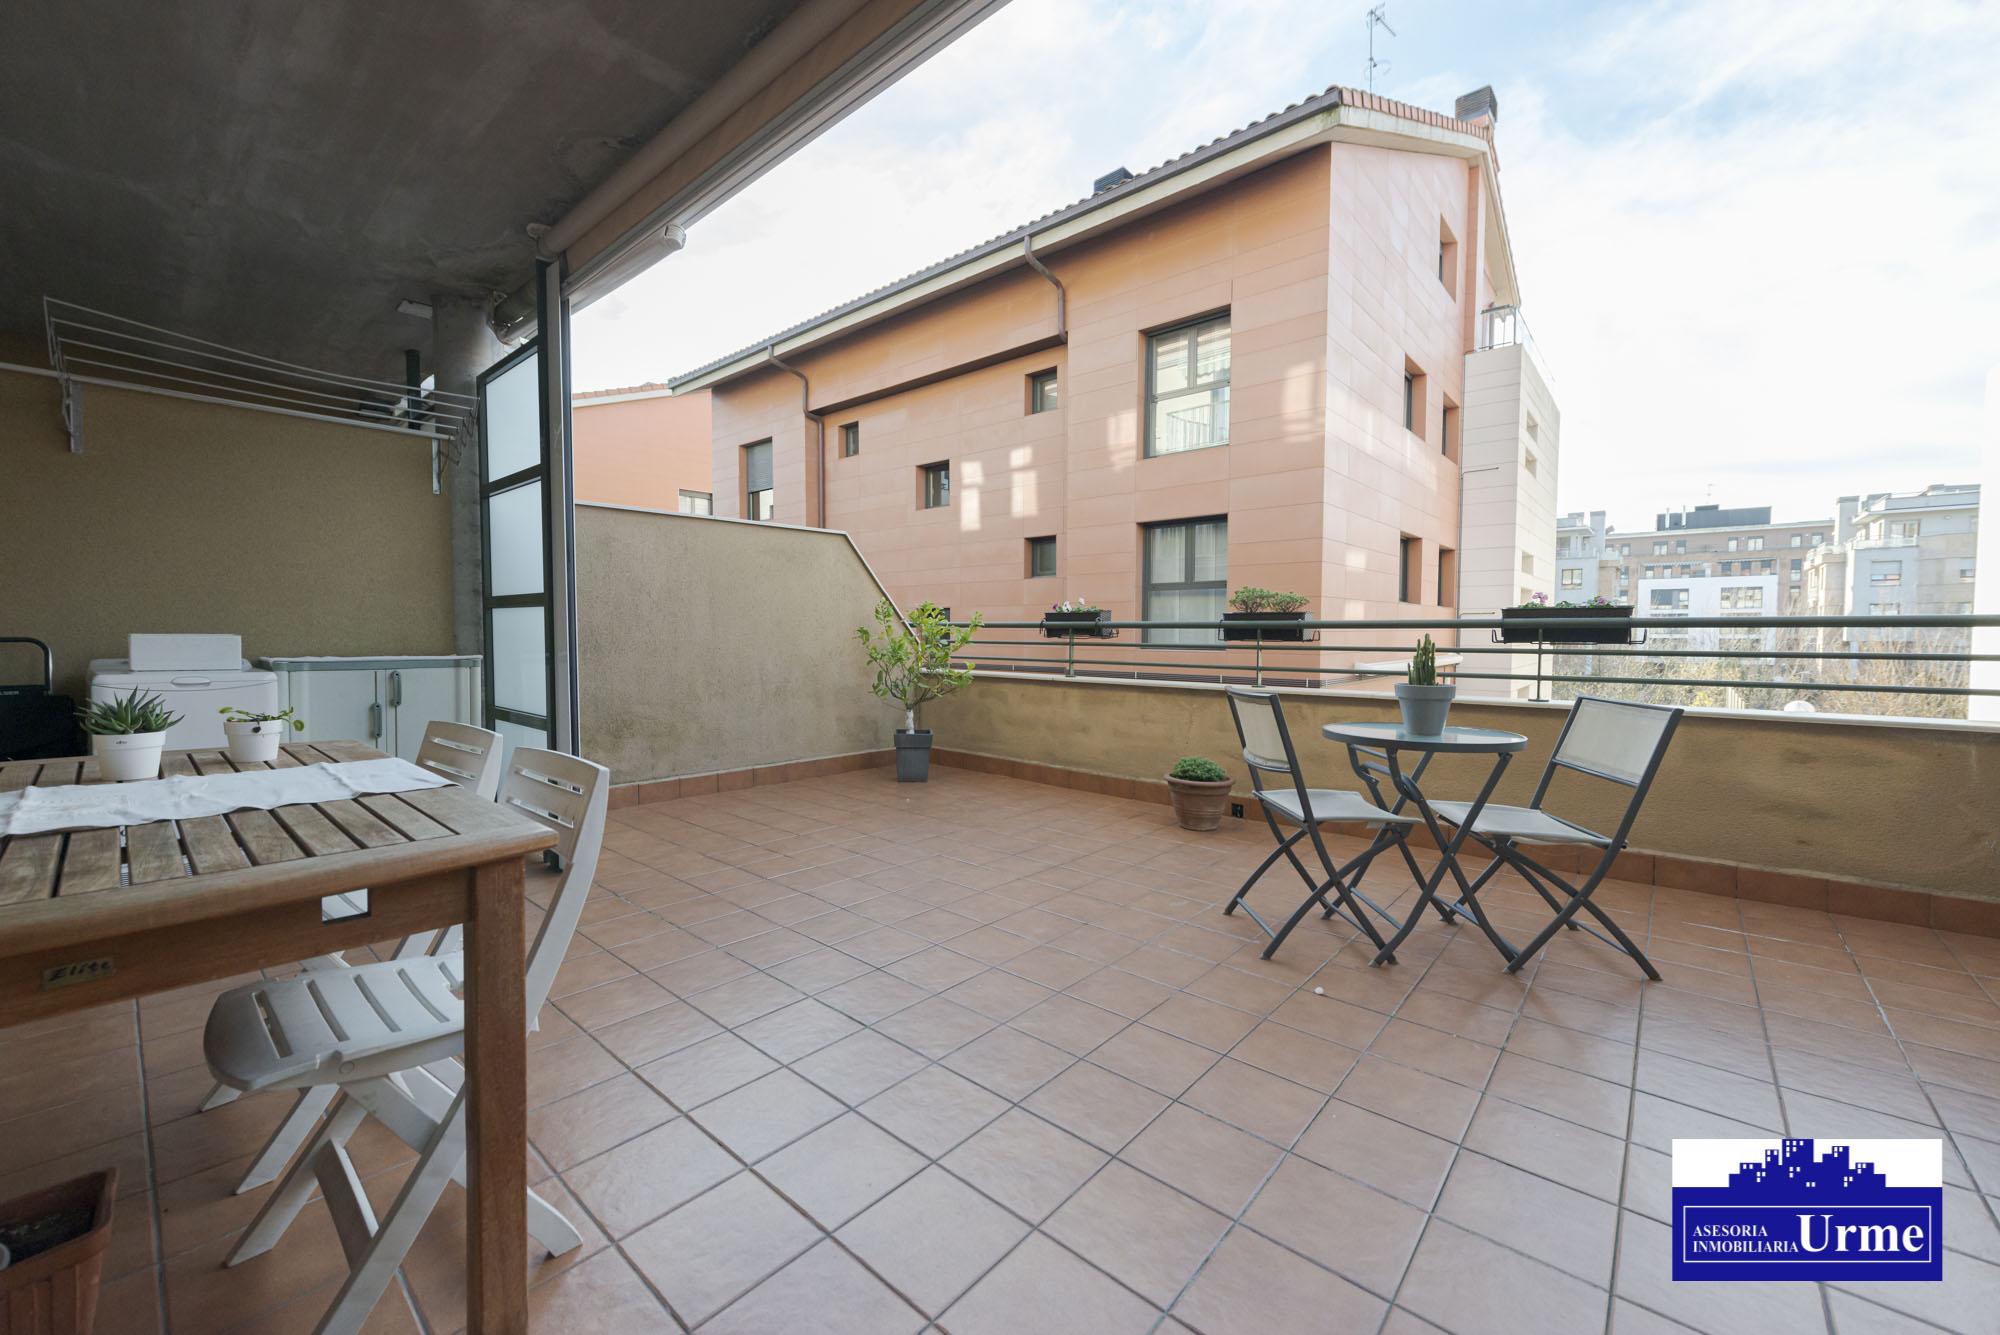 En Belasconea, vivienda atipica grandes espacios,78m2, 3 habitaciones,salon cocina equipada abierta,baño.Para entrar!!!!